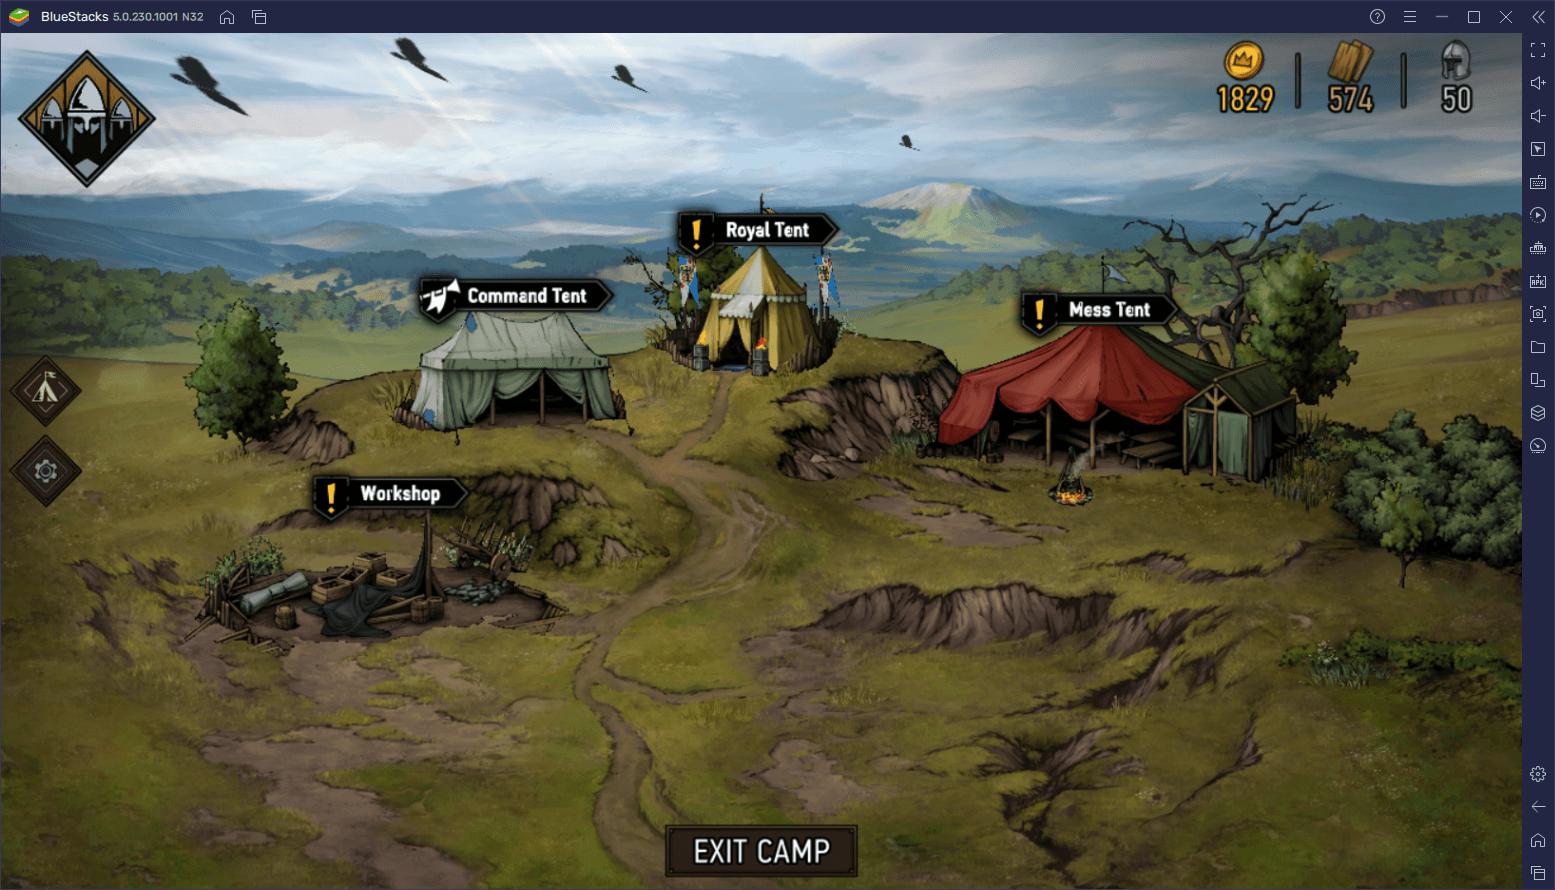 دليل المبتدئين للعبة The Witcher Tales: Thronebreaker – التعرف على طريقة اللعب و تقنيّة تفاعل المستخدم